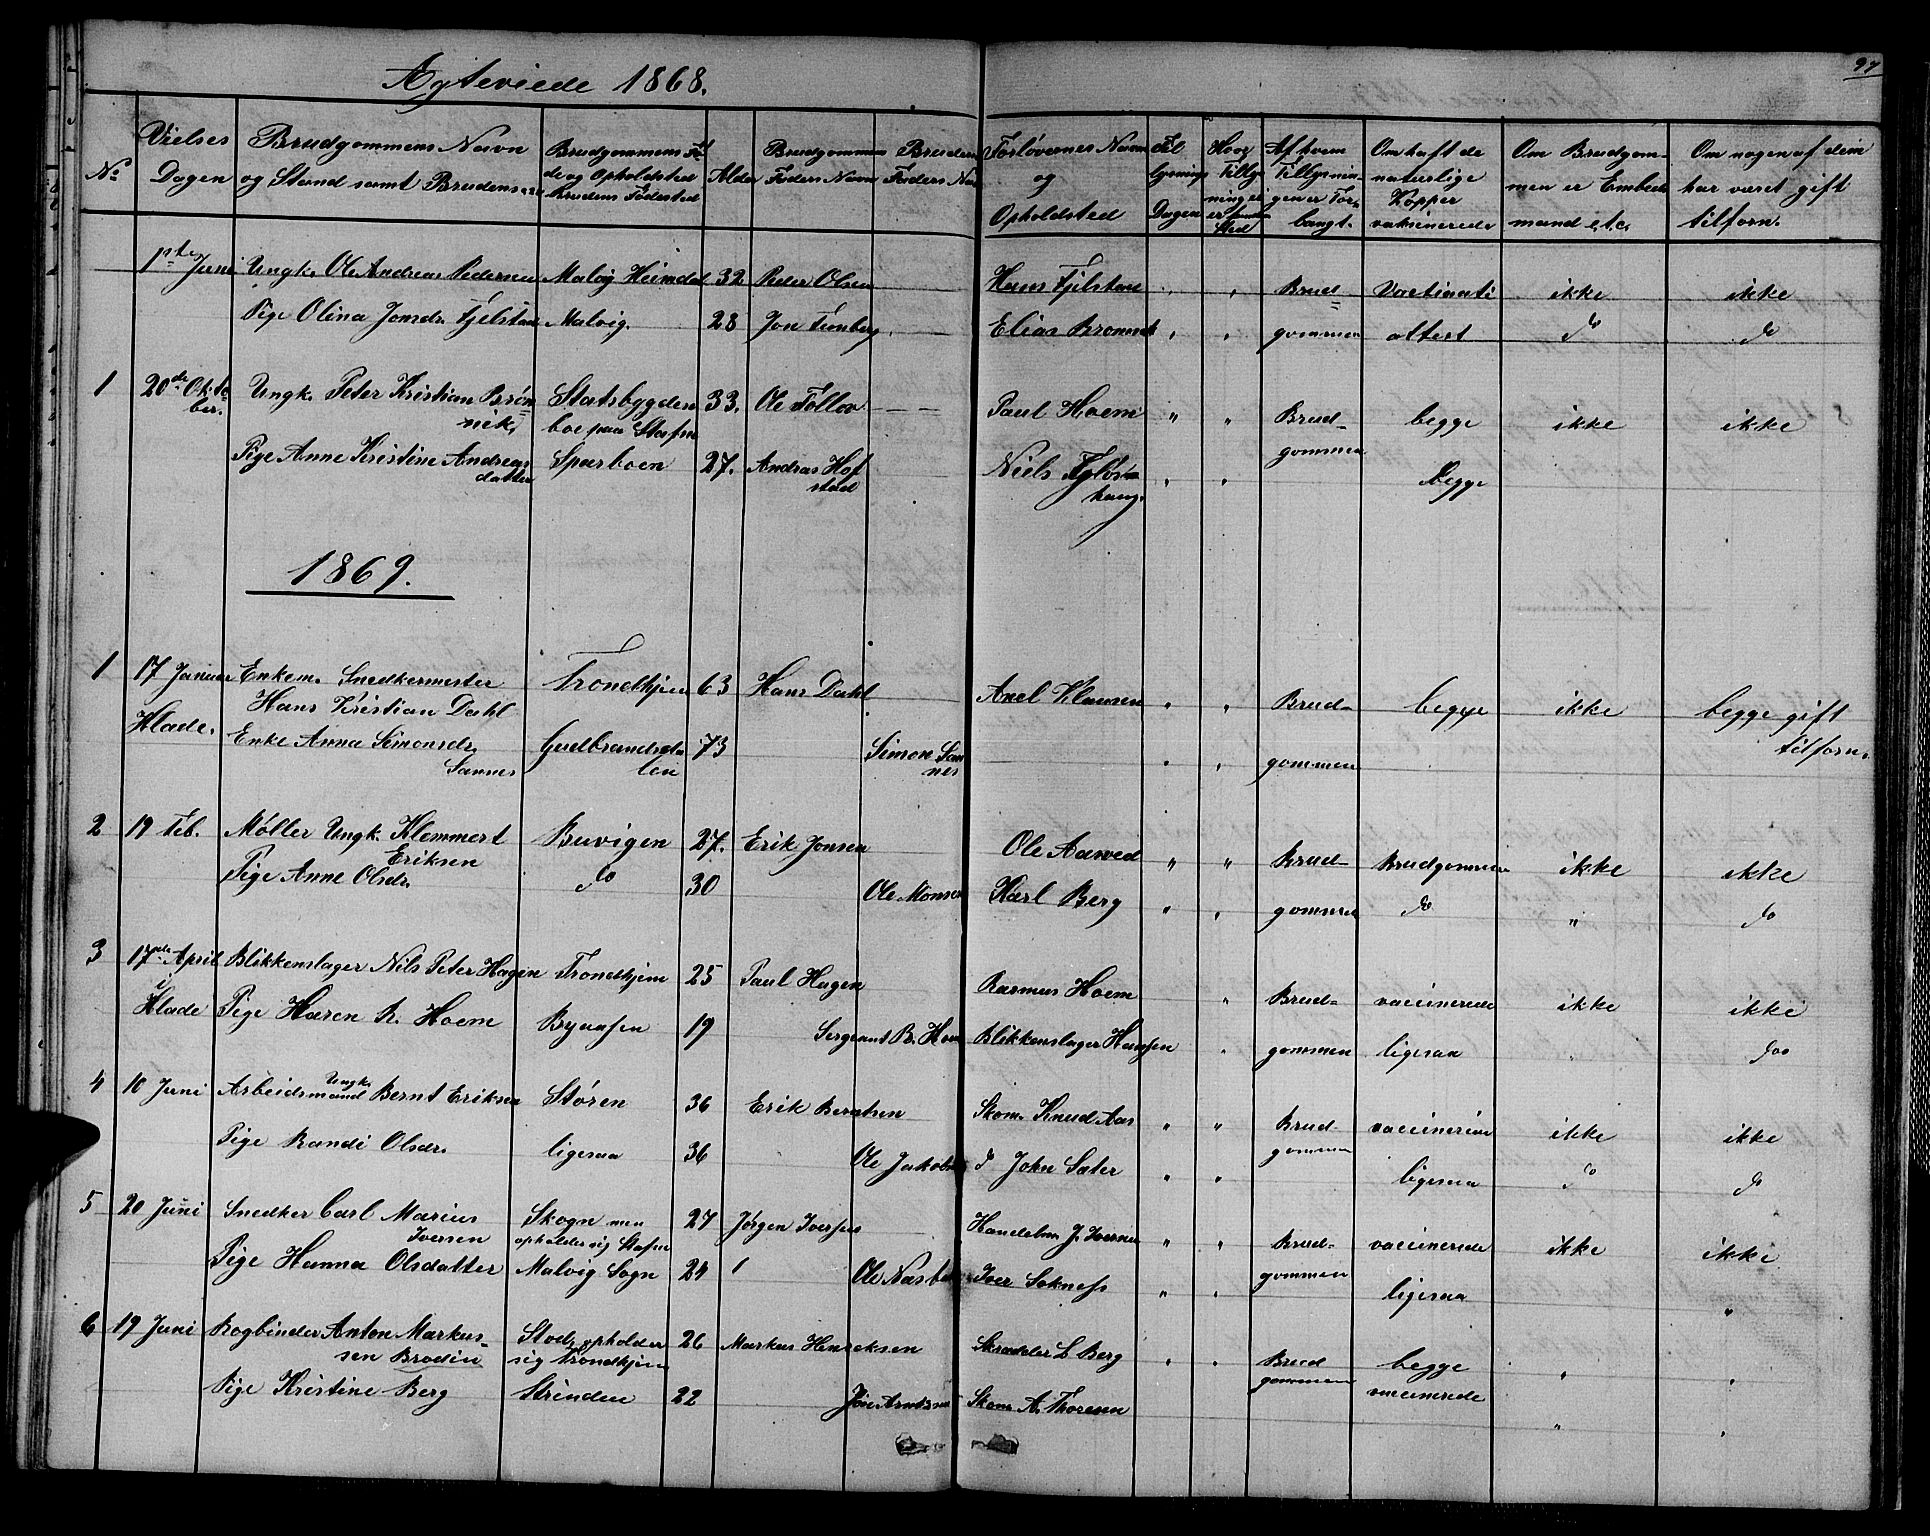 SAT, Ministerialprotokoller, klokkerbøker og fødselsregistre - Sør-Trøndelag, 611/L0353: Klokkerbok nr. 611C01, 1854-1881, s. 97